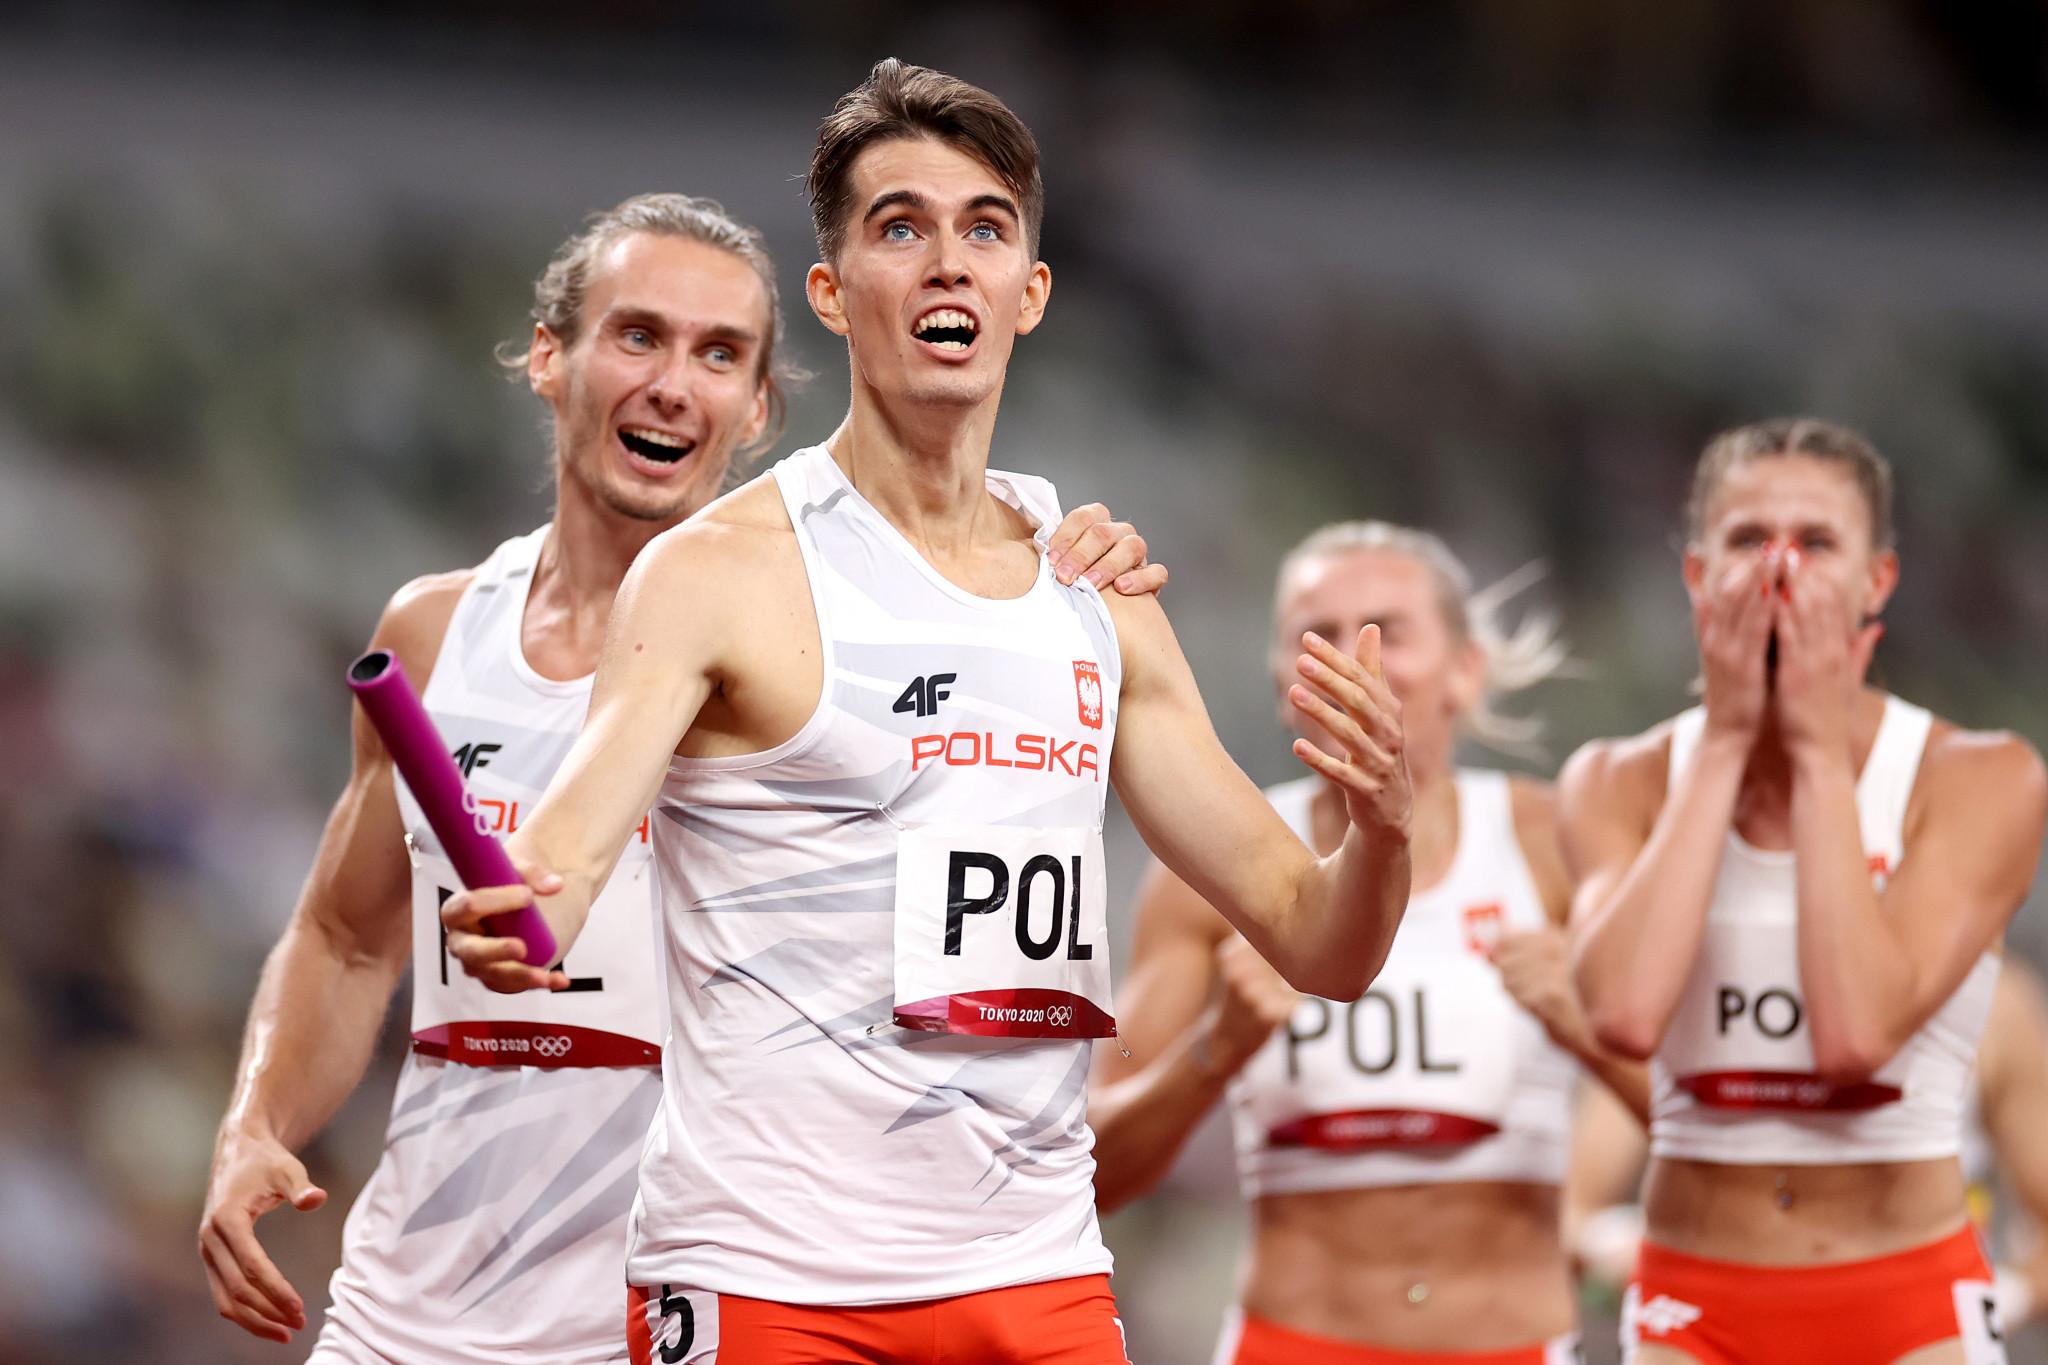 Olympic gold medallist and Łódź 2022 ambassador Duszyński looking forward to European Universities Games